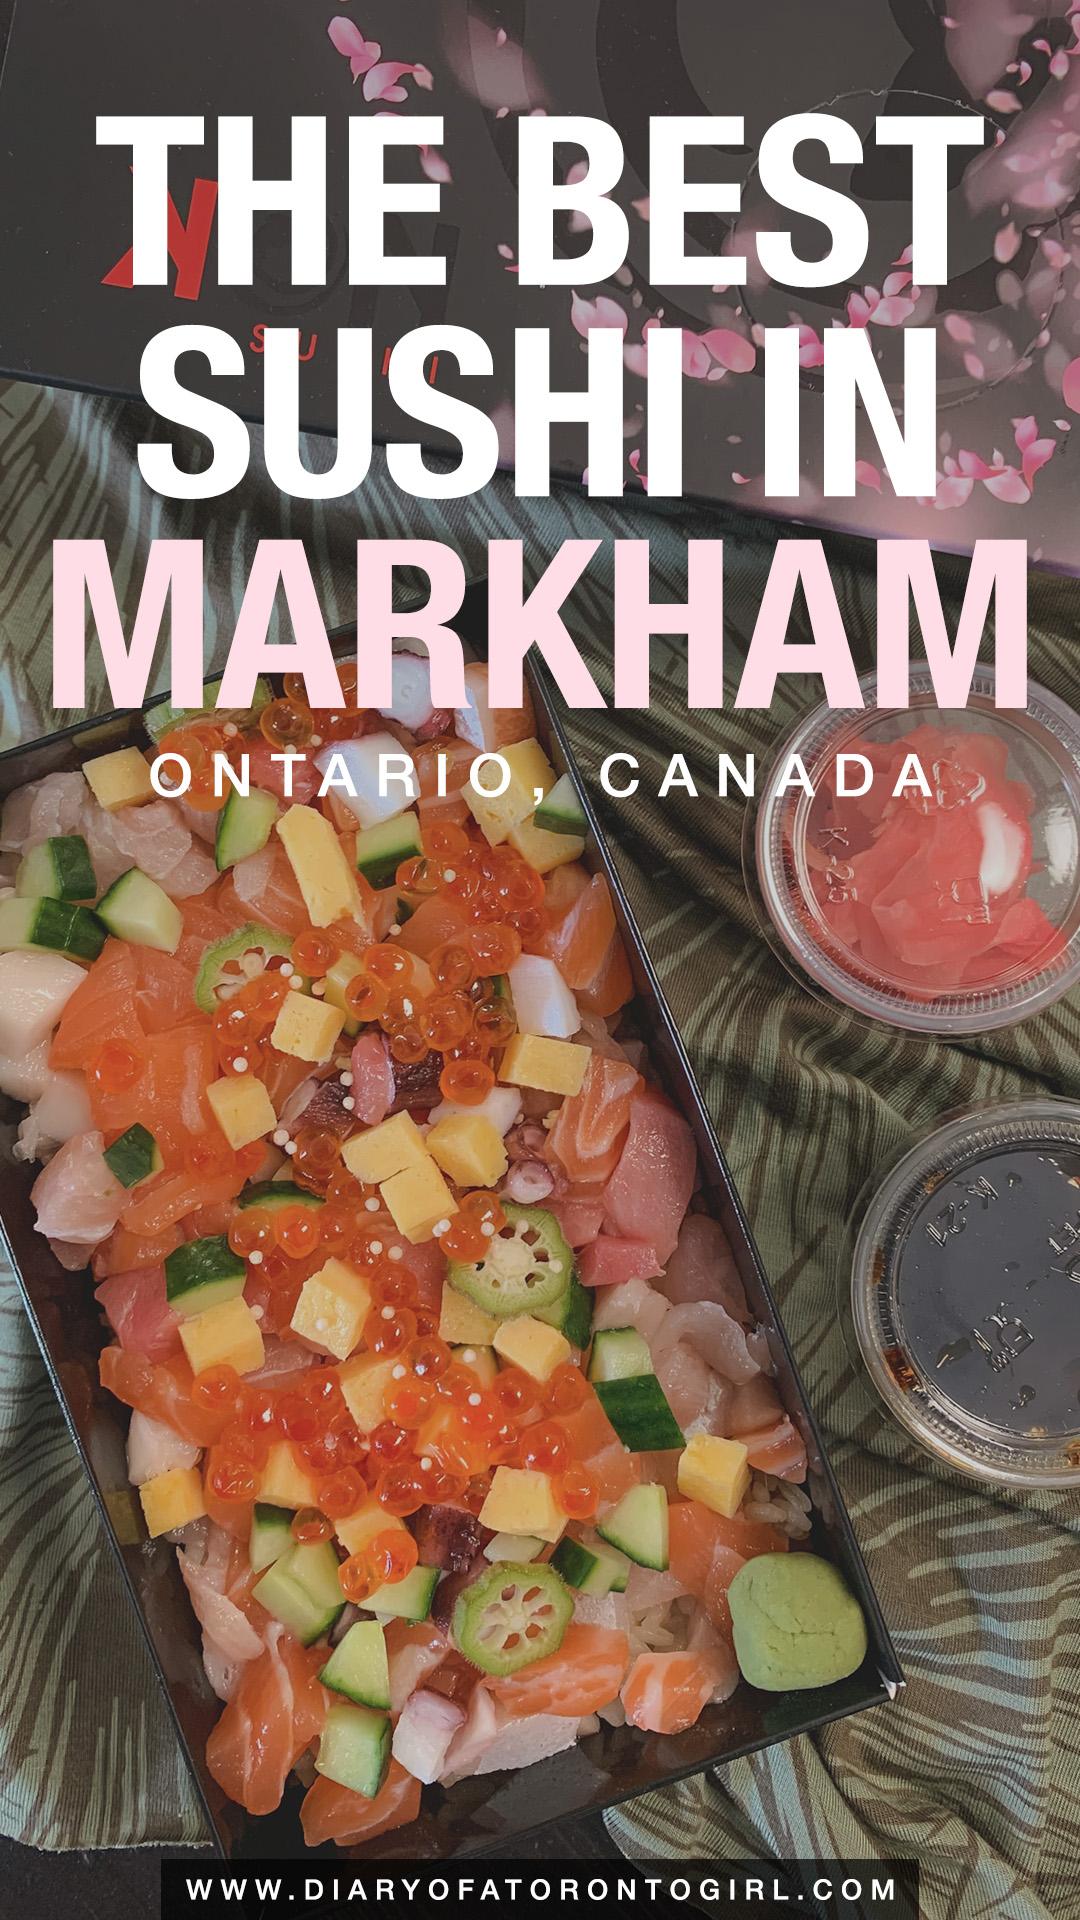 Best sushi restaurants in Markham, Ontario